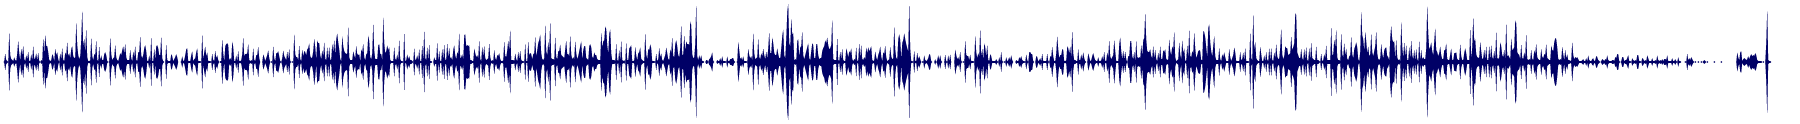 waveform of track #66419